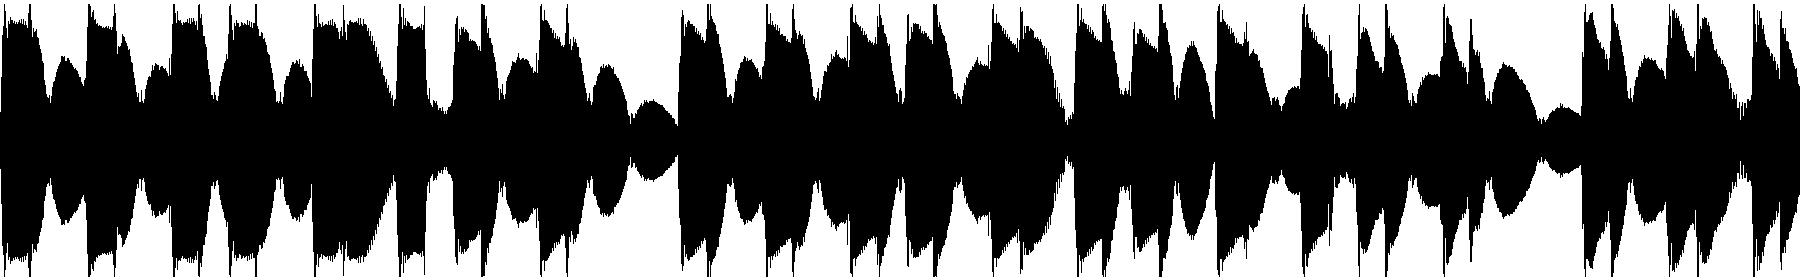 dgt2 02 lp 128 arp c